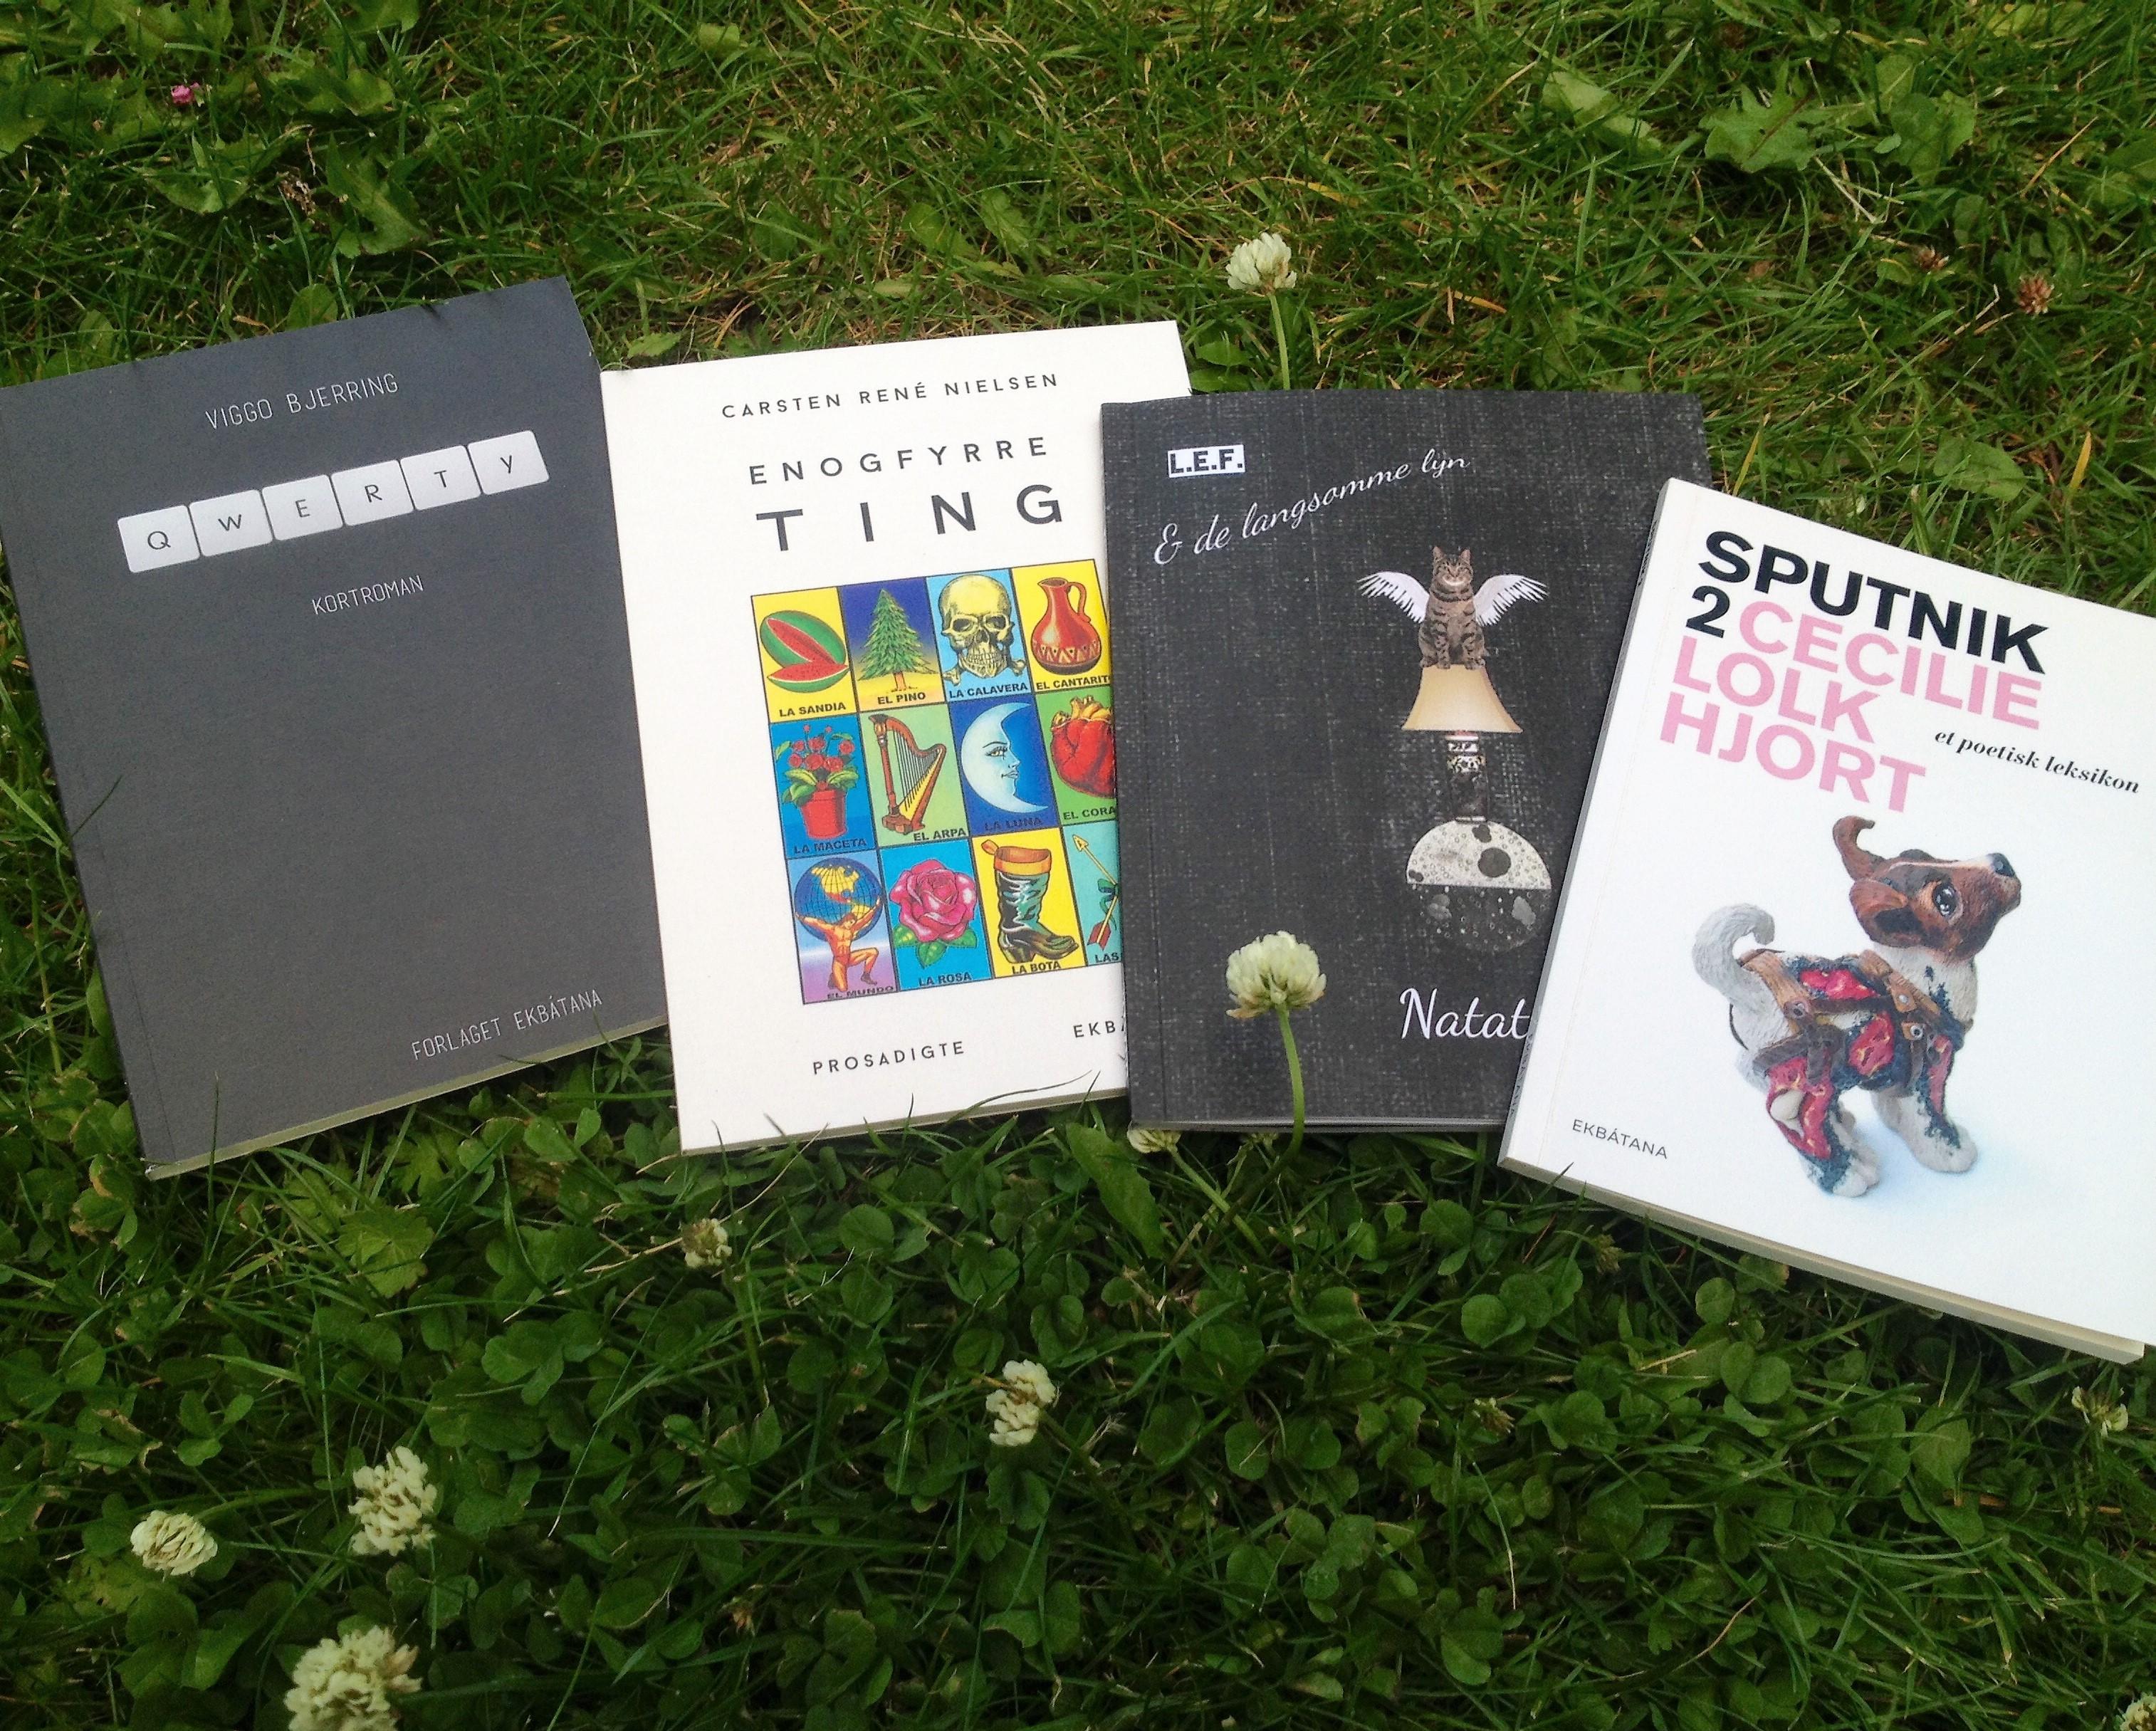 Enogfyrre ting, Sputnik 2, qwerty, Natatlas, Lars Emil Foder, Viggo Bjerring, Cecilie Lolk Hjort, Carsten René Nielsen